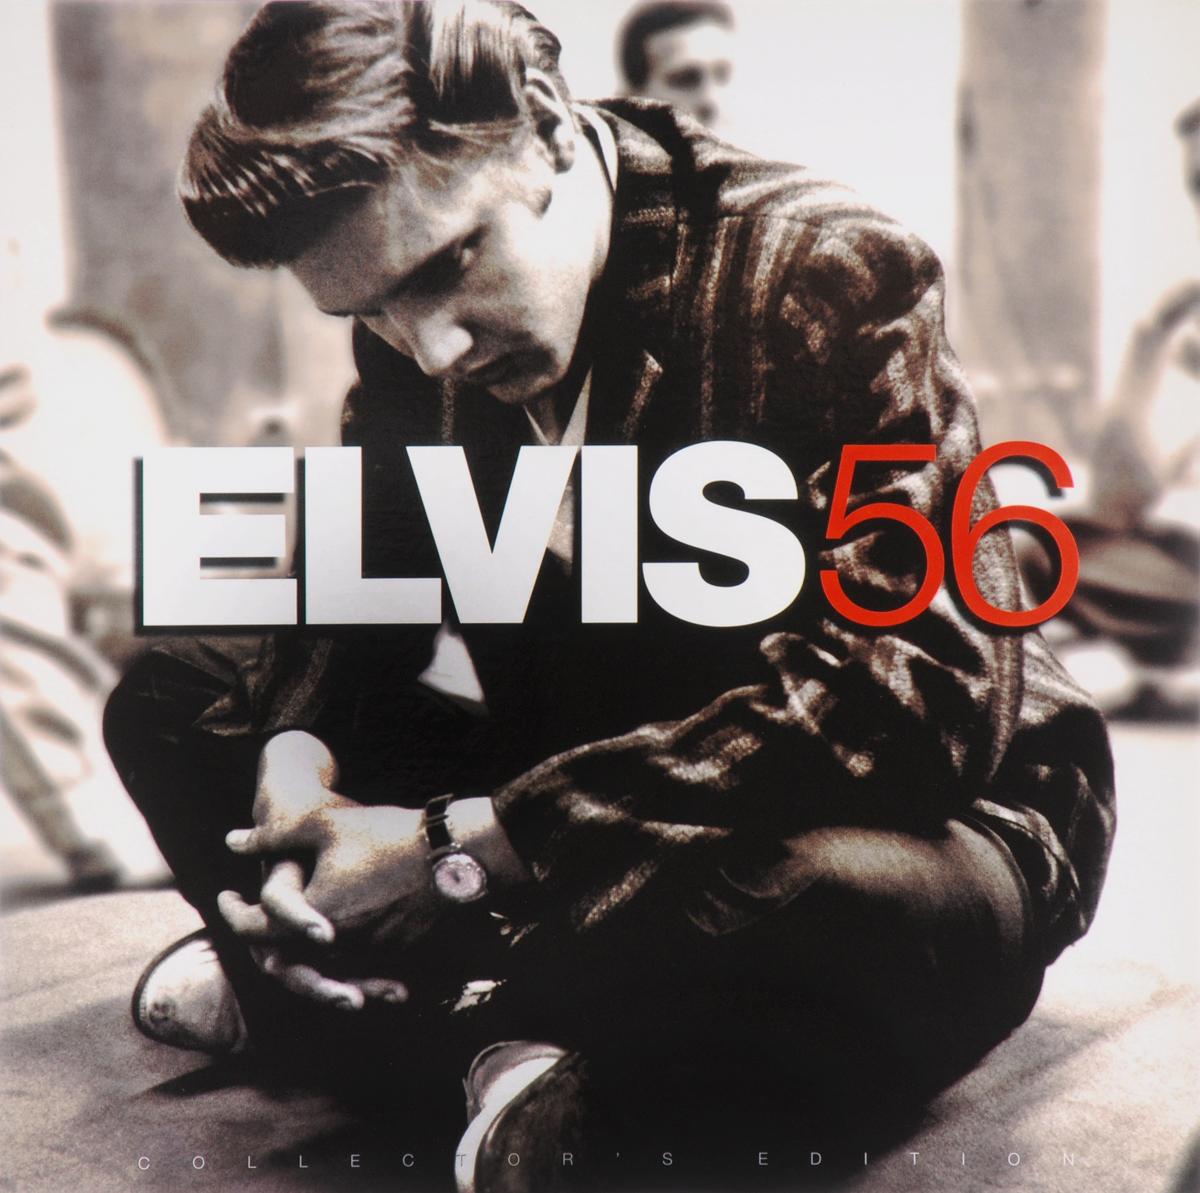 Элвис Пресли Elvis Presley. Elvis 56. Collector's Edition (LP) элвис пресли elvis presley elvis 56 collector s edition lp